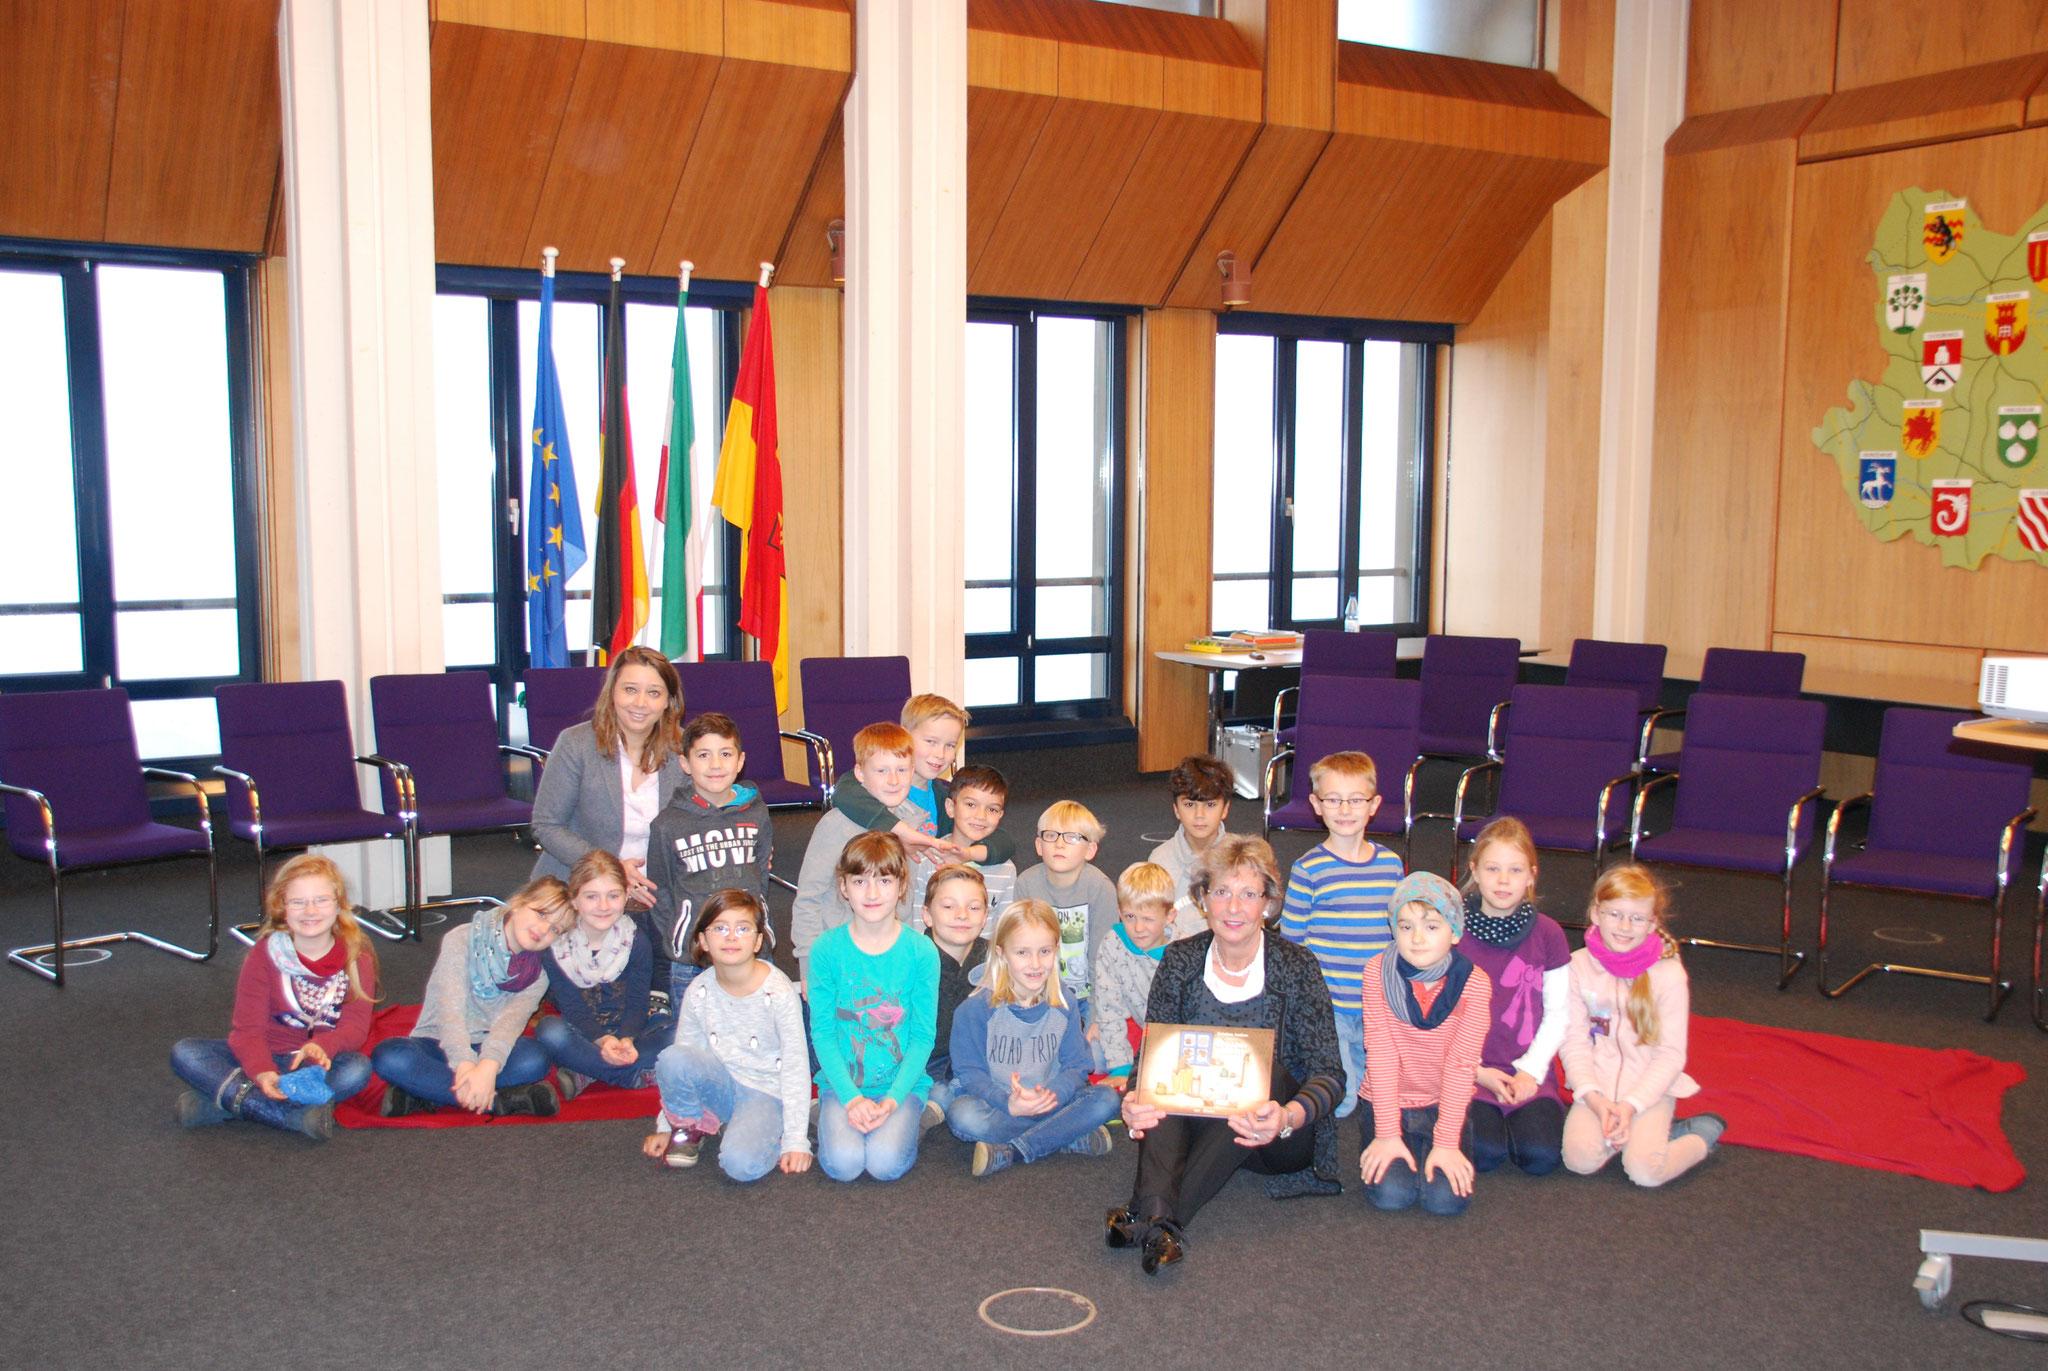 Laurentiusschüler der 3a zu Gast im Ausschusszimmer des Kreises Warendorf